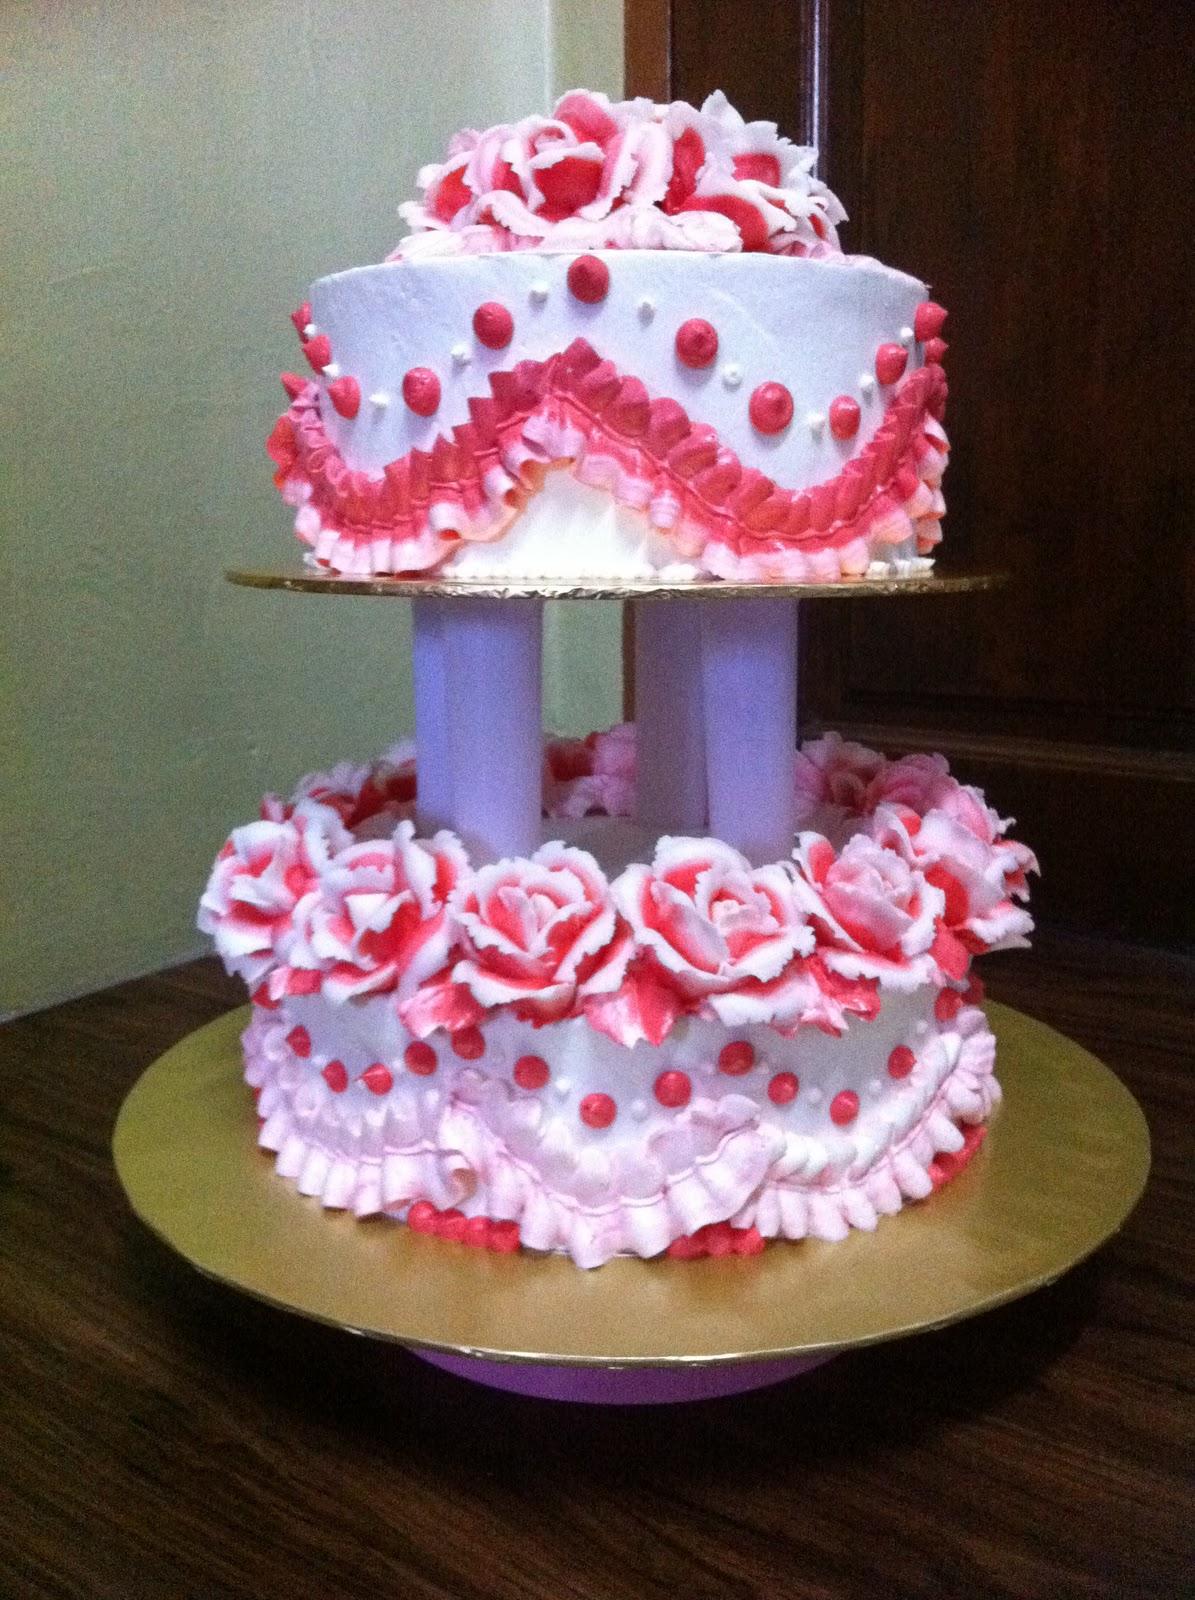 IreneBakelove2 2 Tier Red & White Theme Wedding Cake